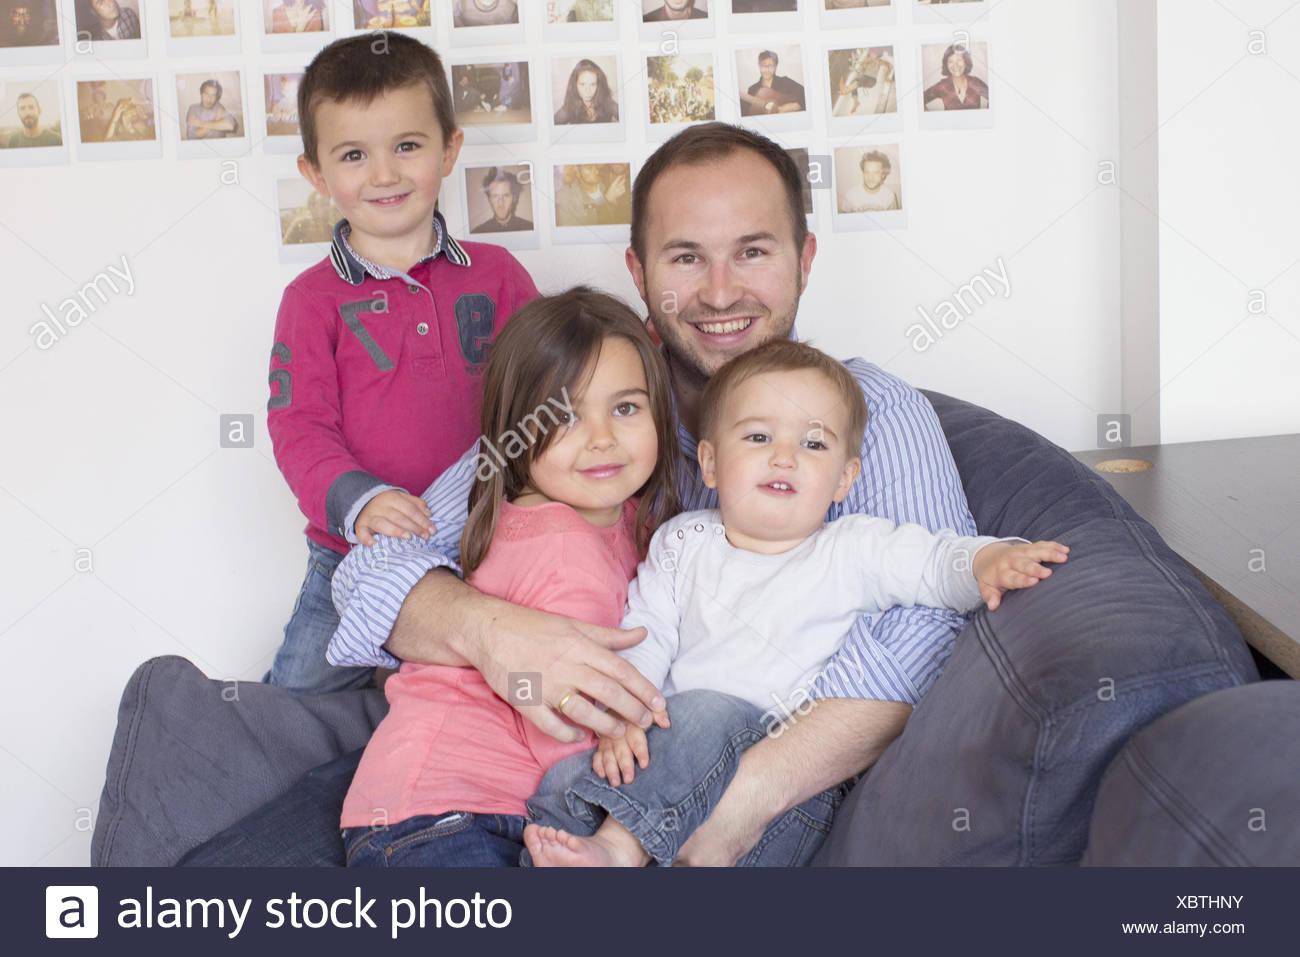 Le père et les enfants, assis sur un canapé, portrait Photo Stock